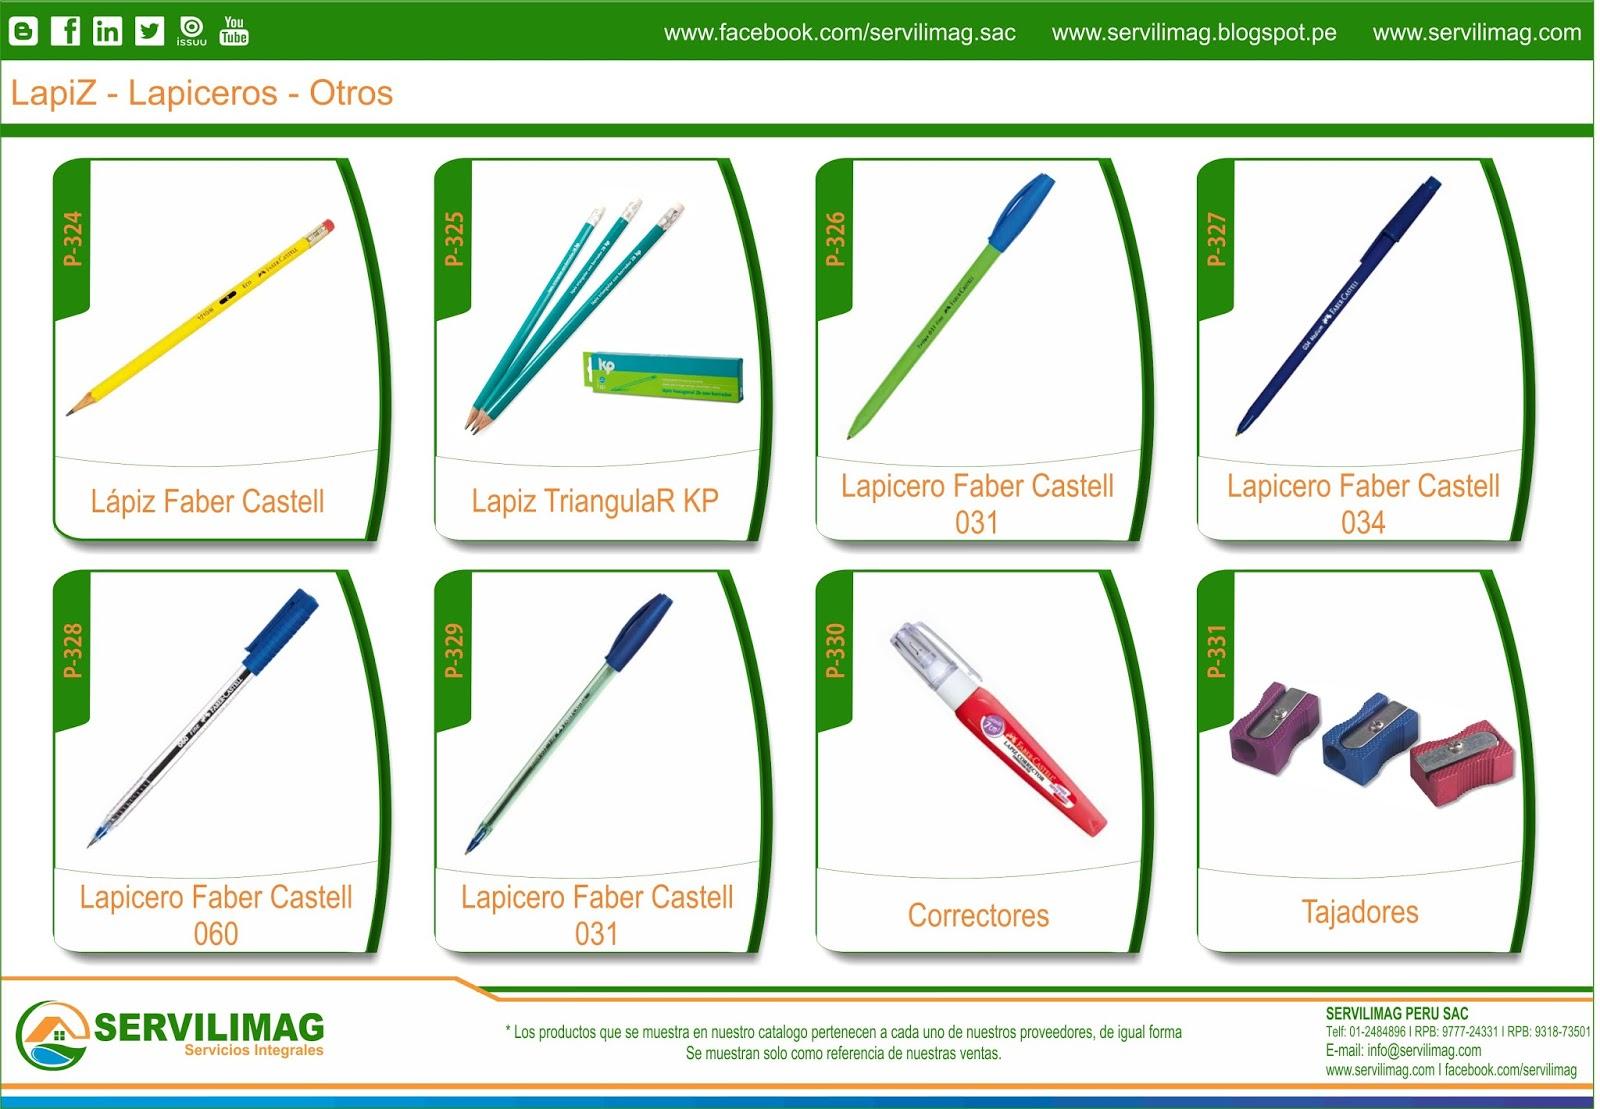 Servilimag servicios integrales venta productos de for Productos de oficina